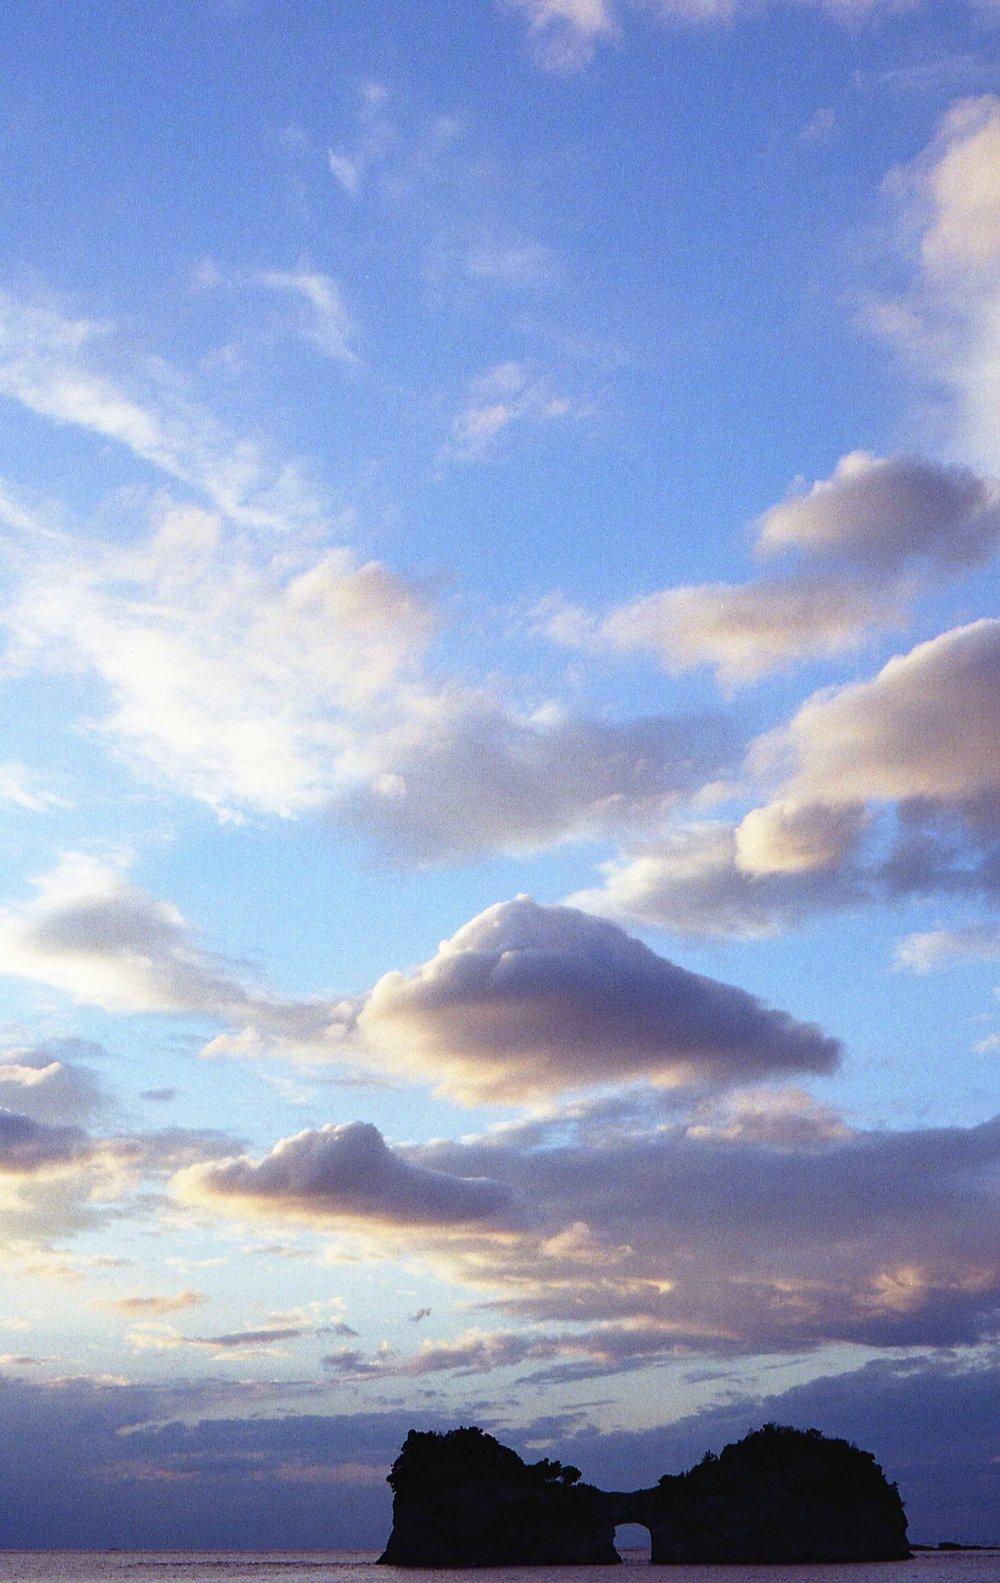 「円月島」二〇一六年十二月五日撮影